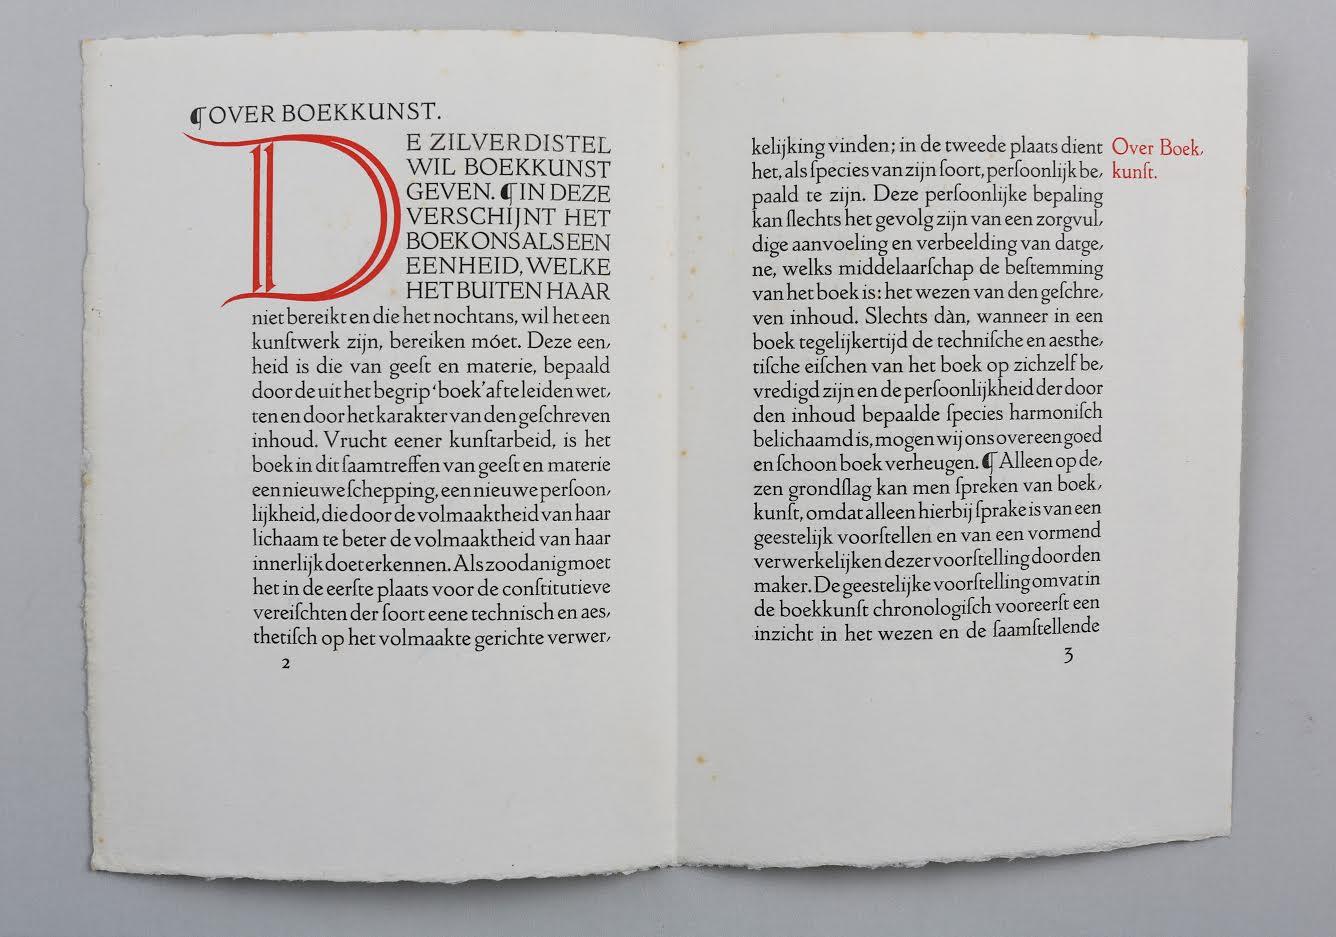 Over boekkunst en De Zilverdistel